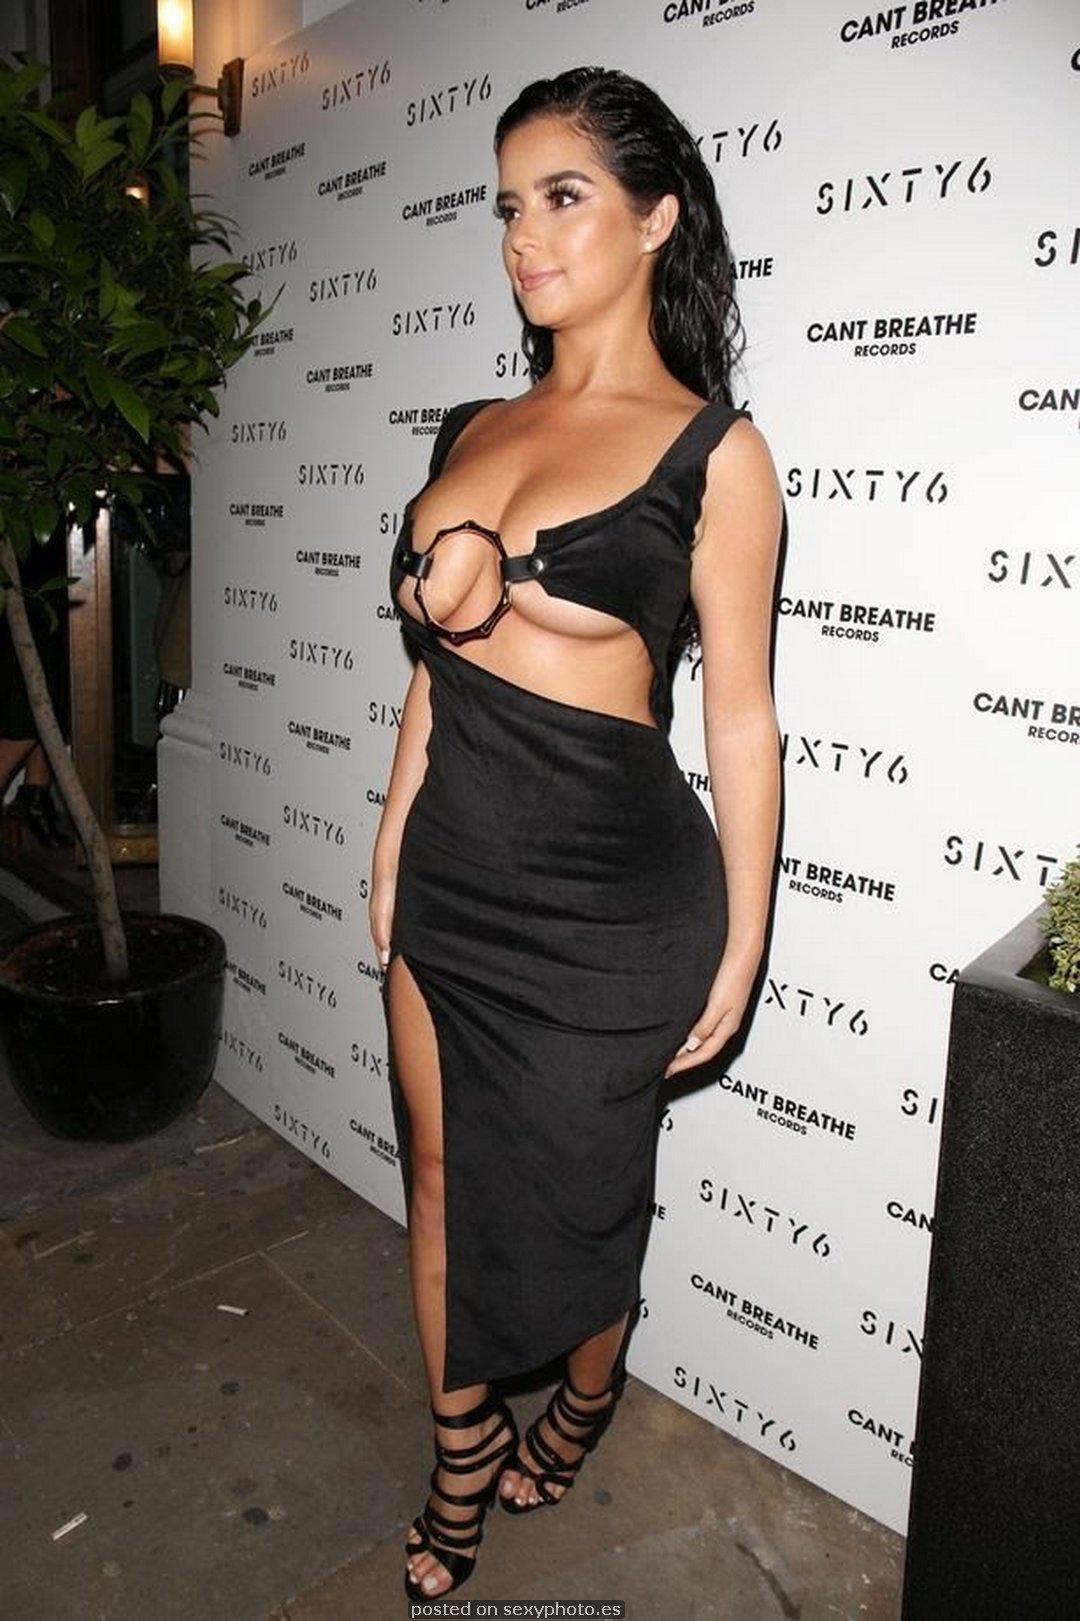 Demi Rose ass,Demi Rose influencer bikini, Demi Rose celebrity nipples